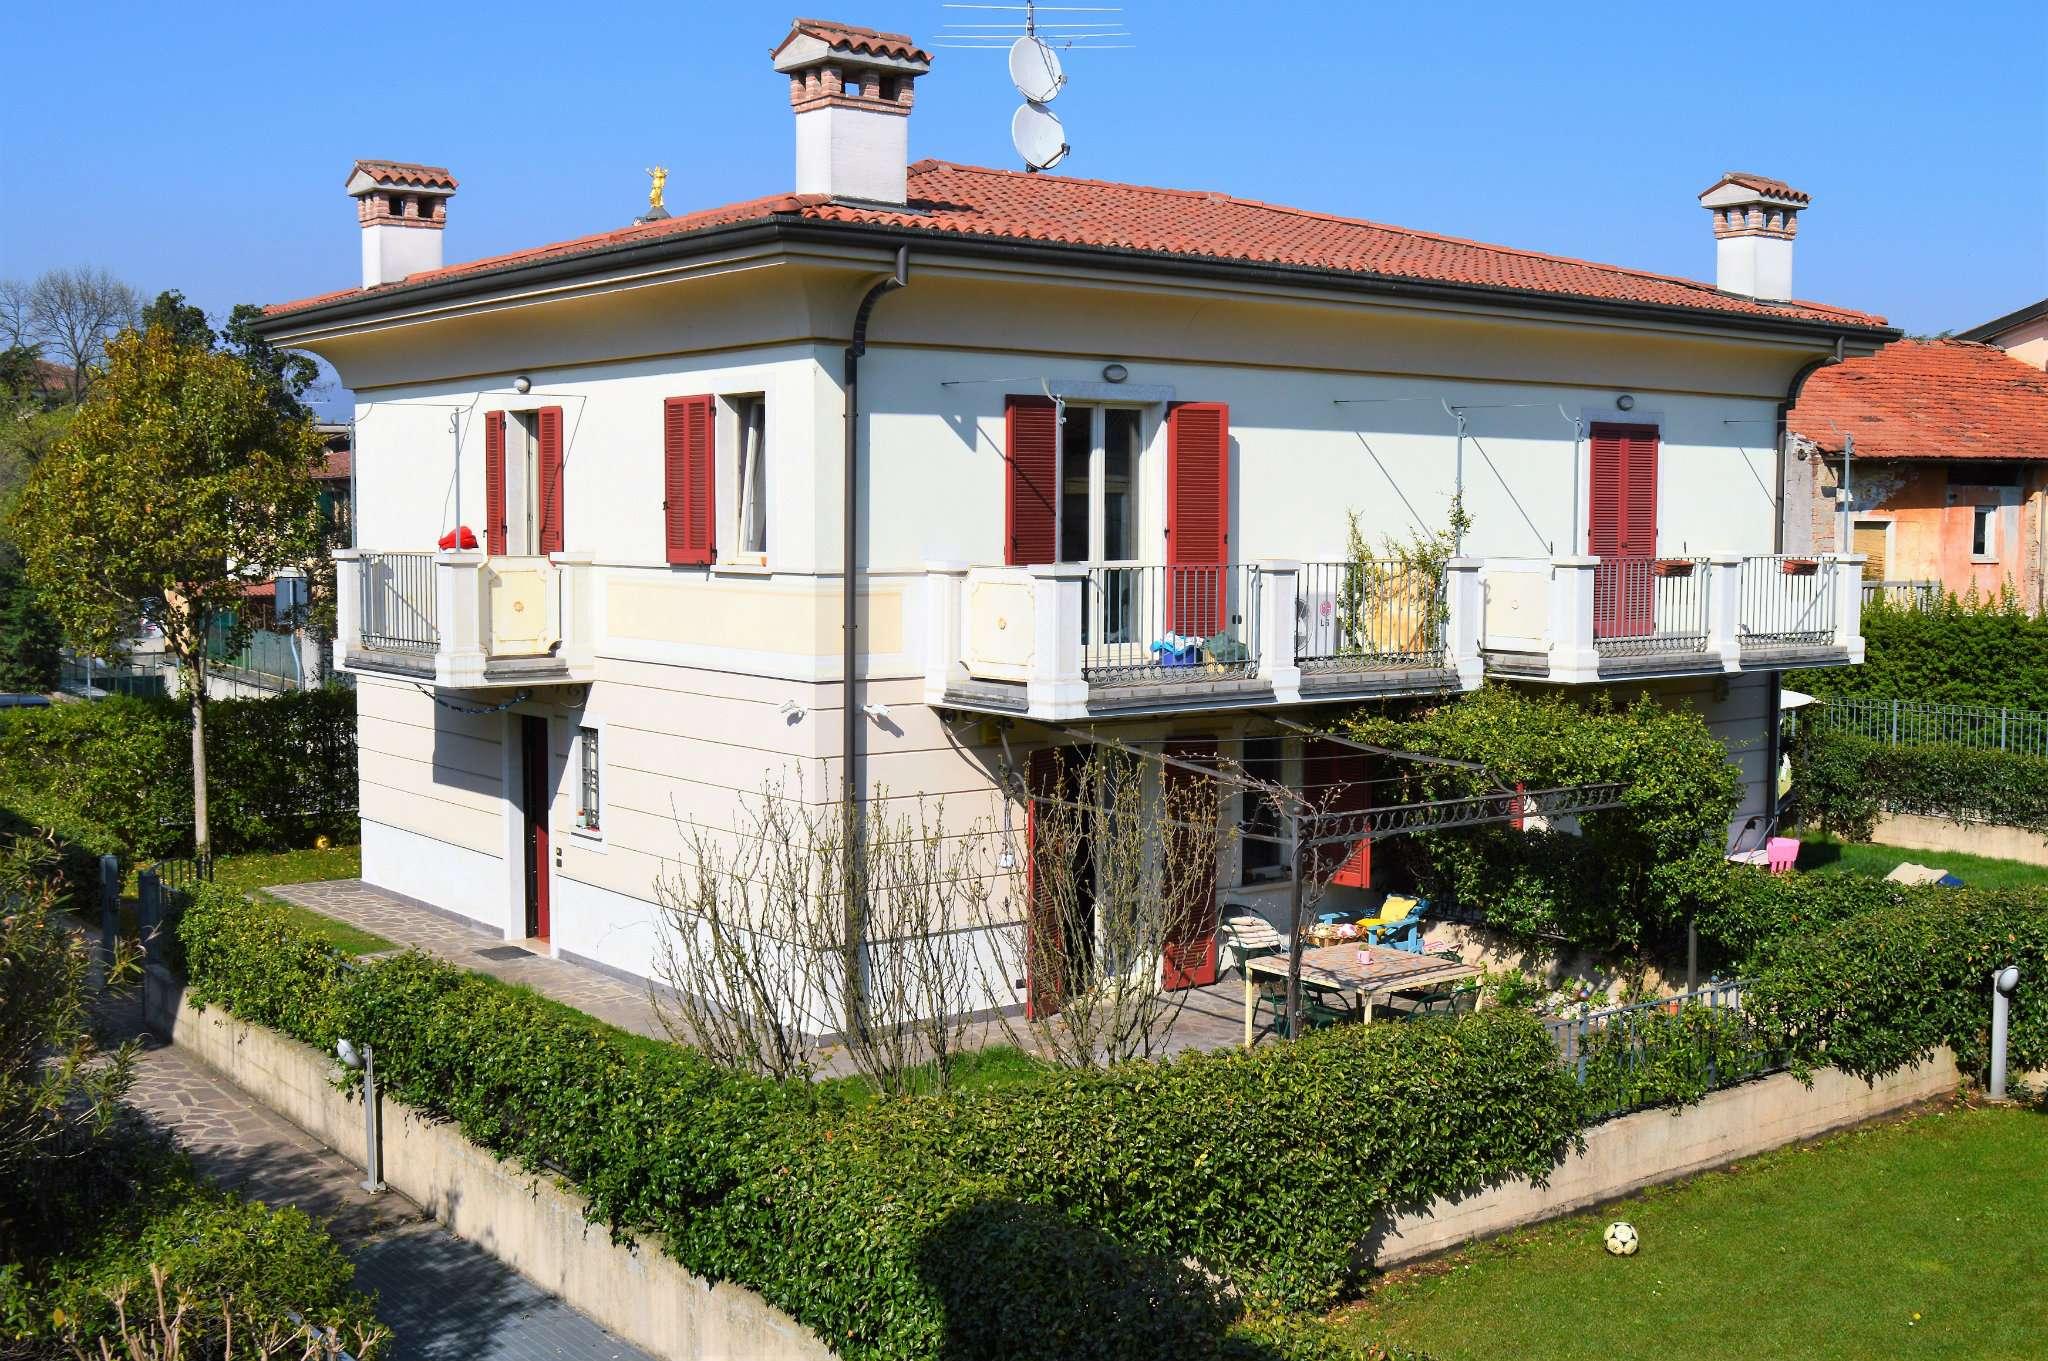 Soluzione Indipendente in vendita a Borgosatollo, 4 locali, prezzo € 380.000 | Cambio Casa.it